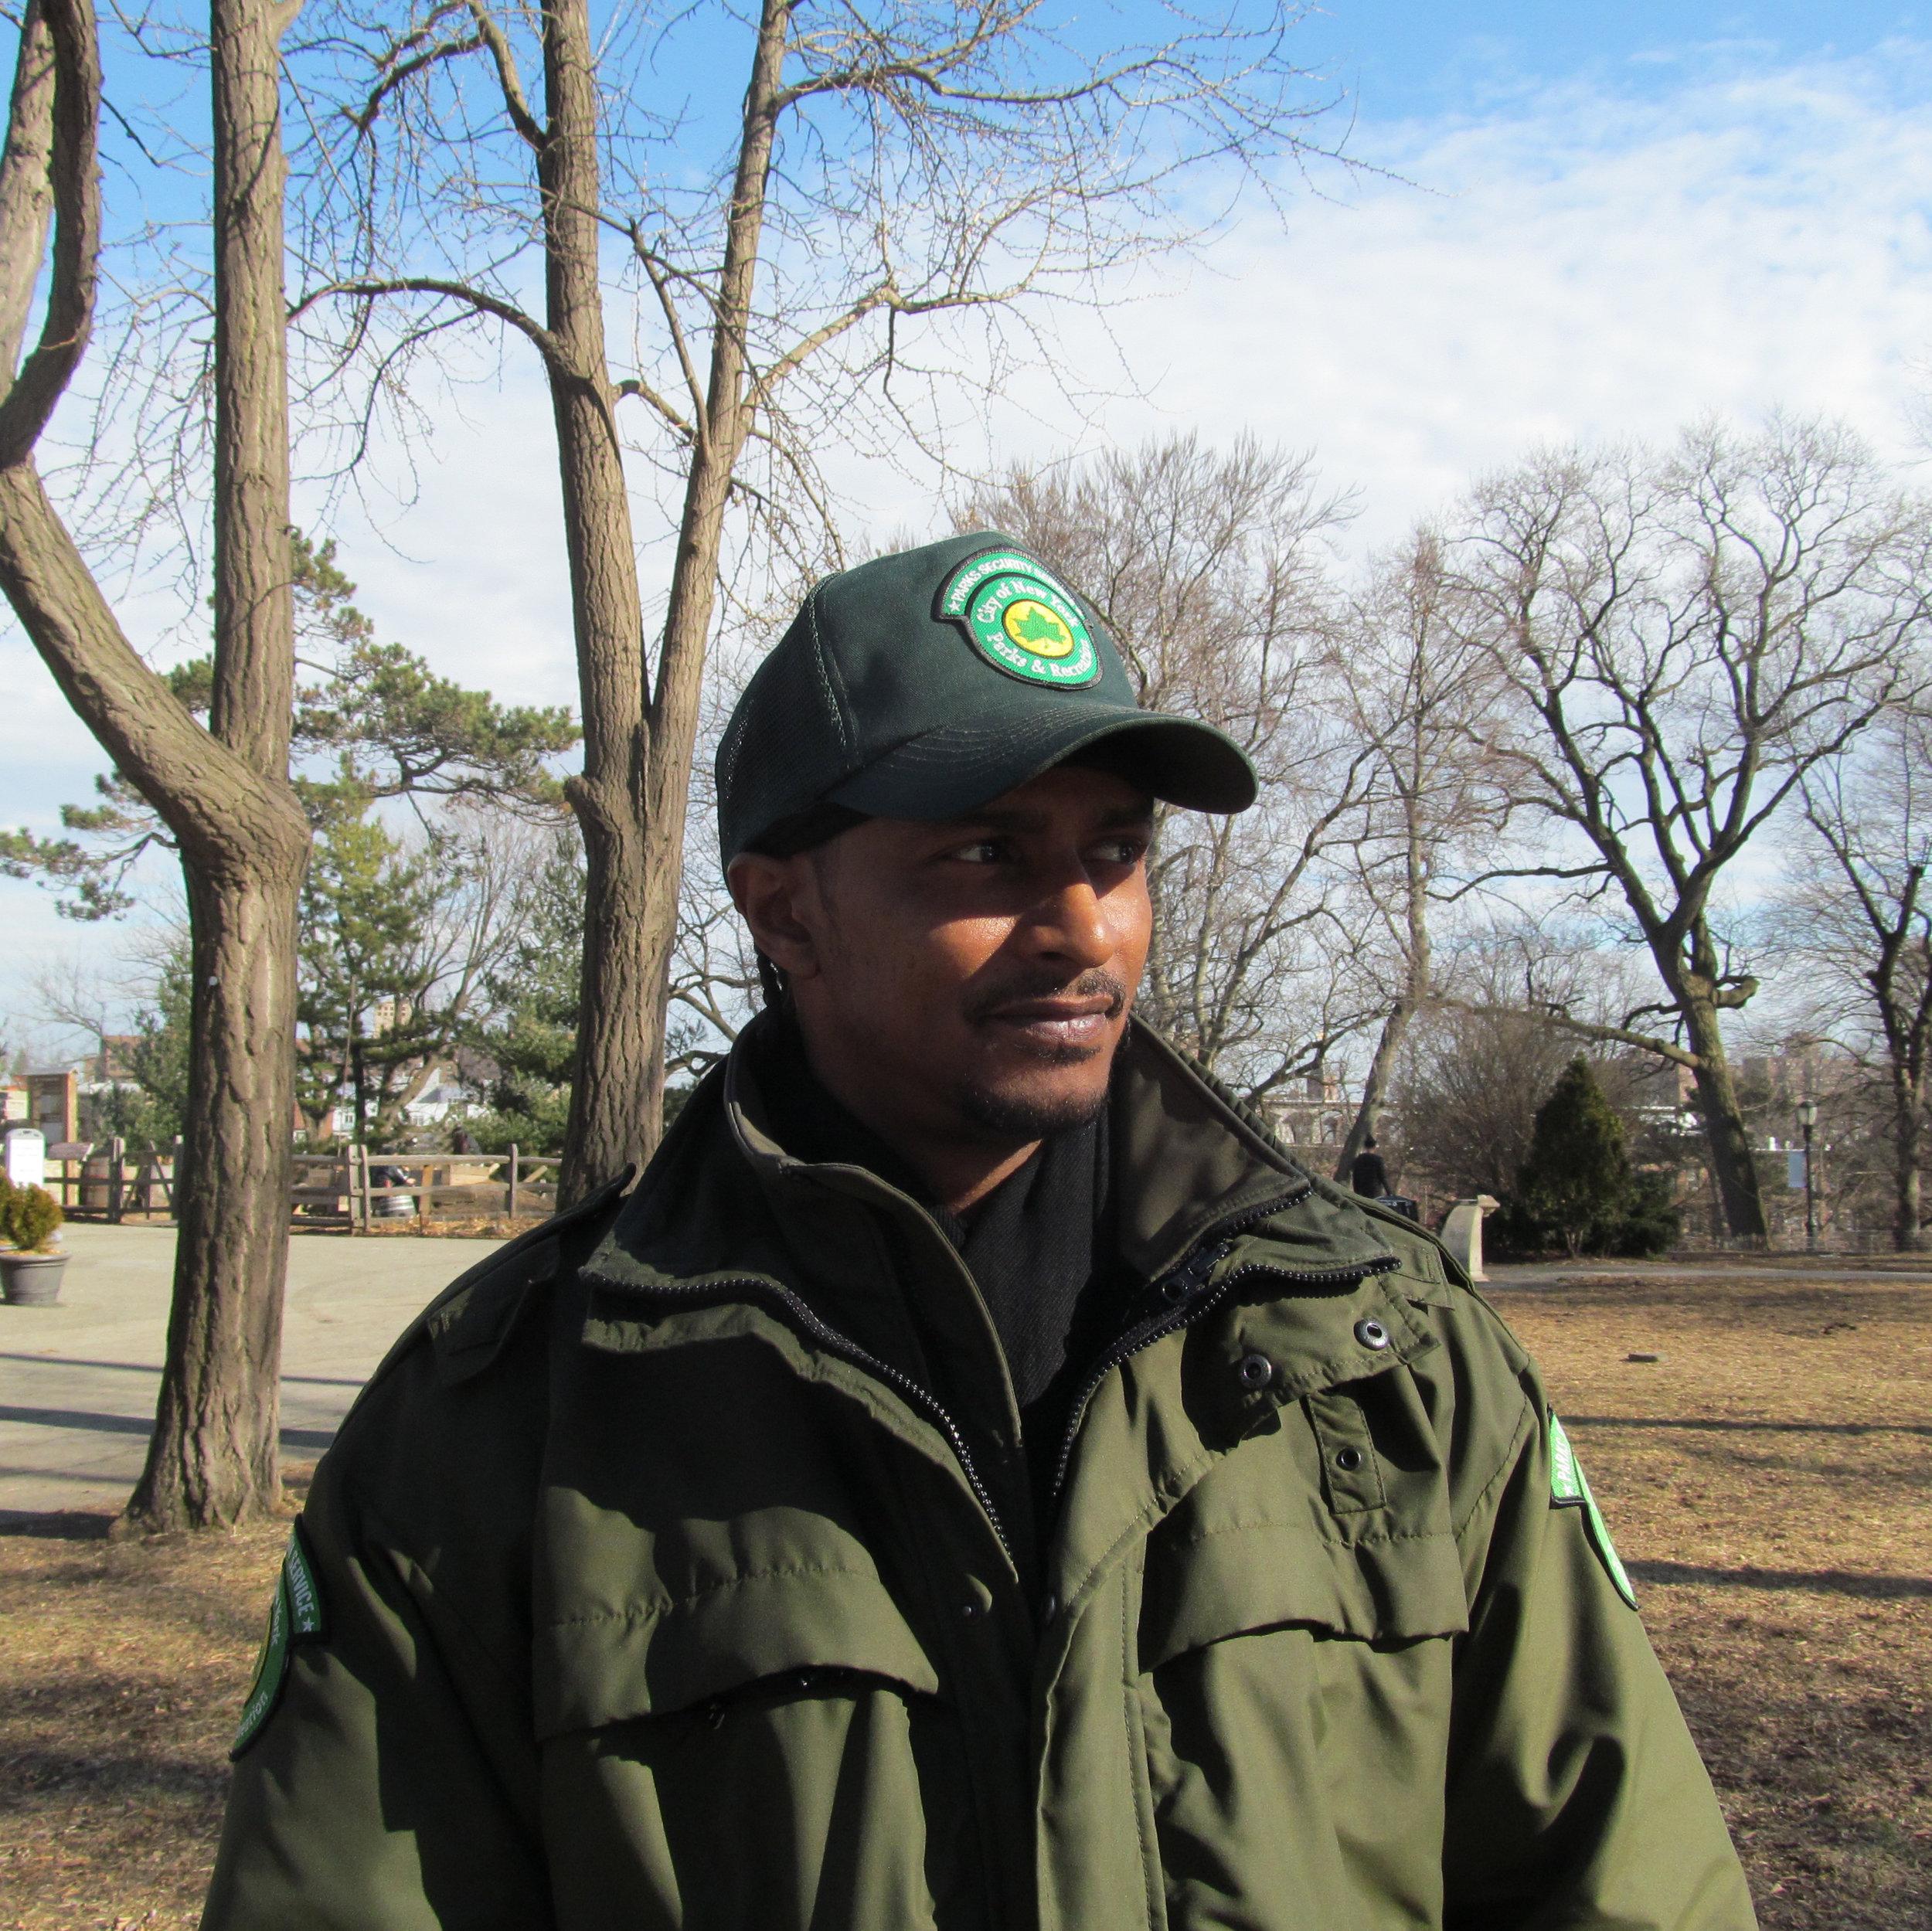 Officer Esmeraldo Maldonado